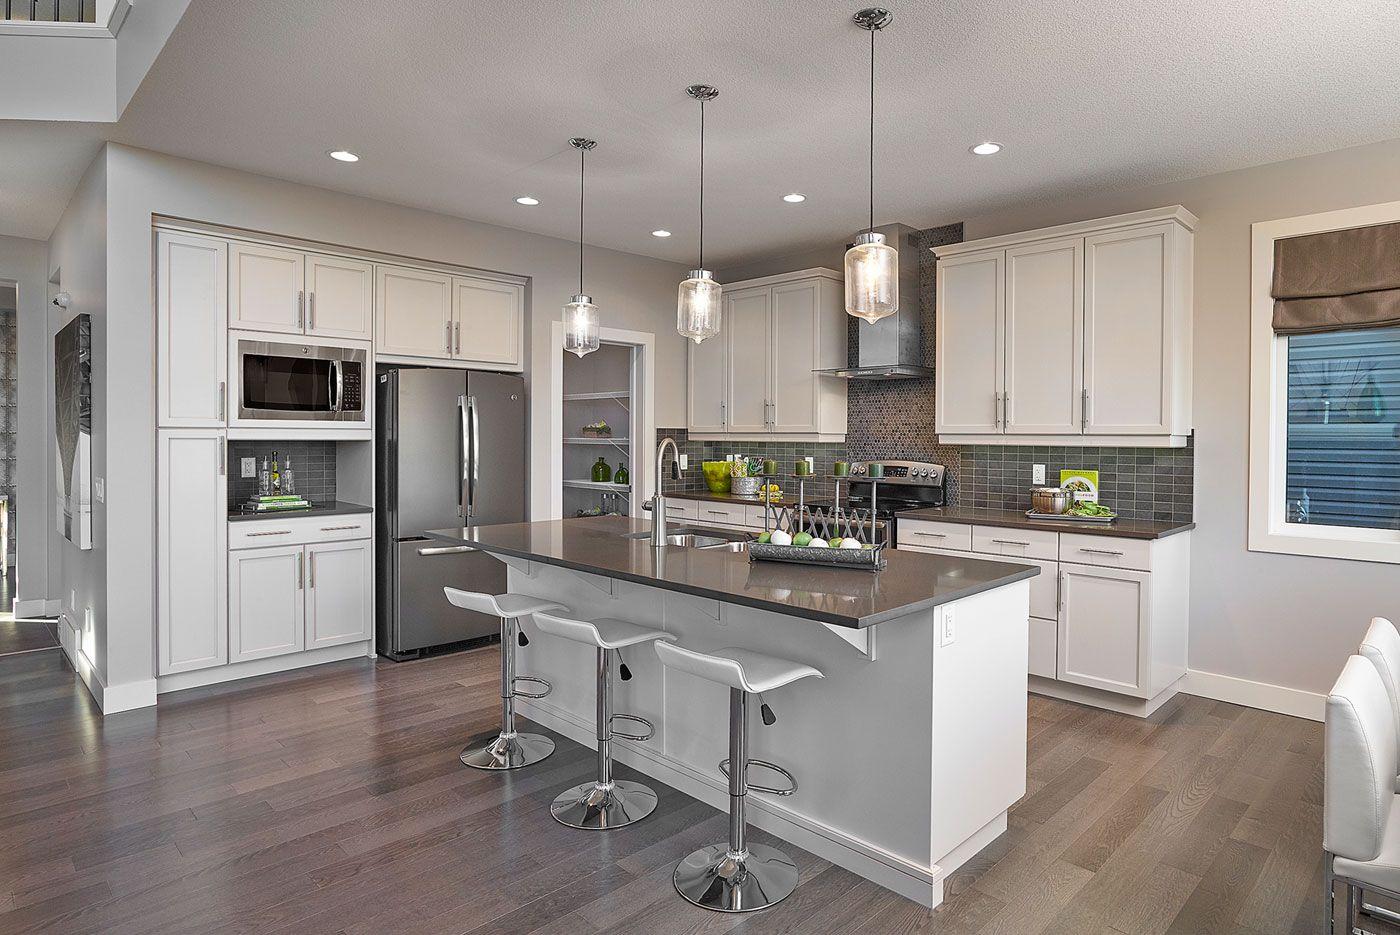 Caldwell Kitchen Inspiration Design Kitchen Interior Design